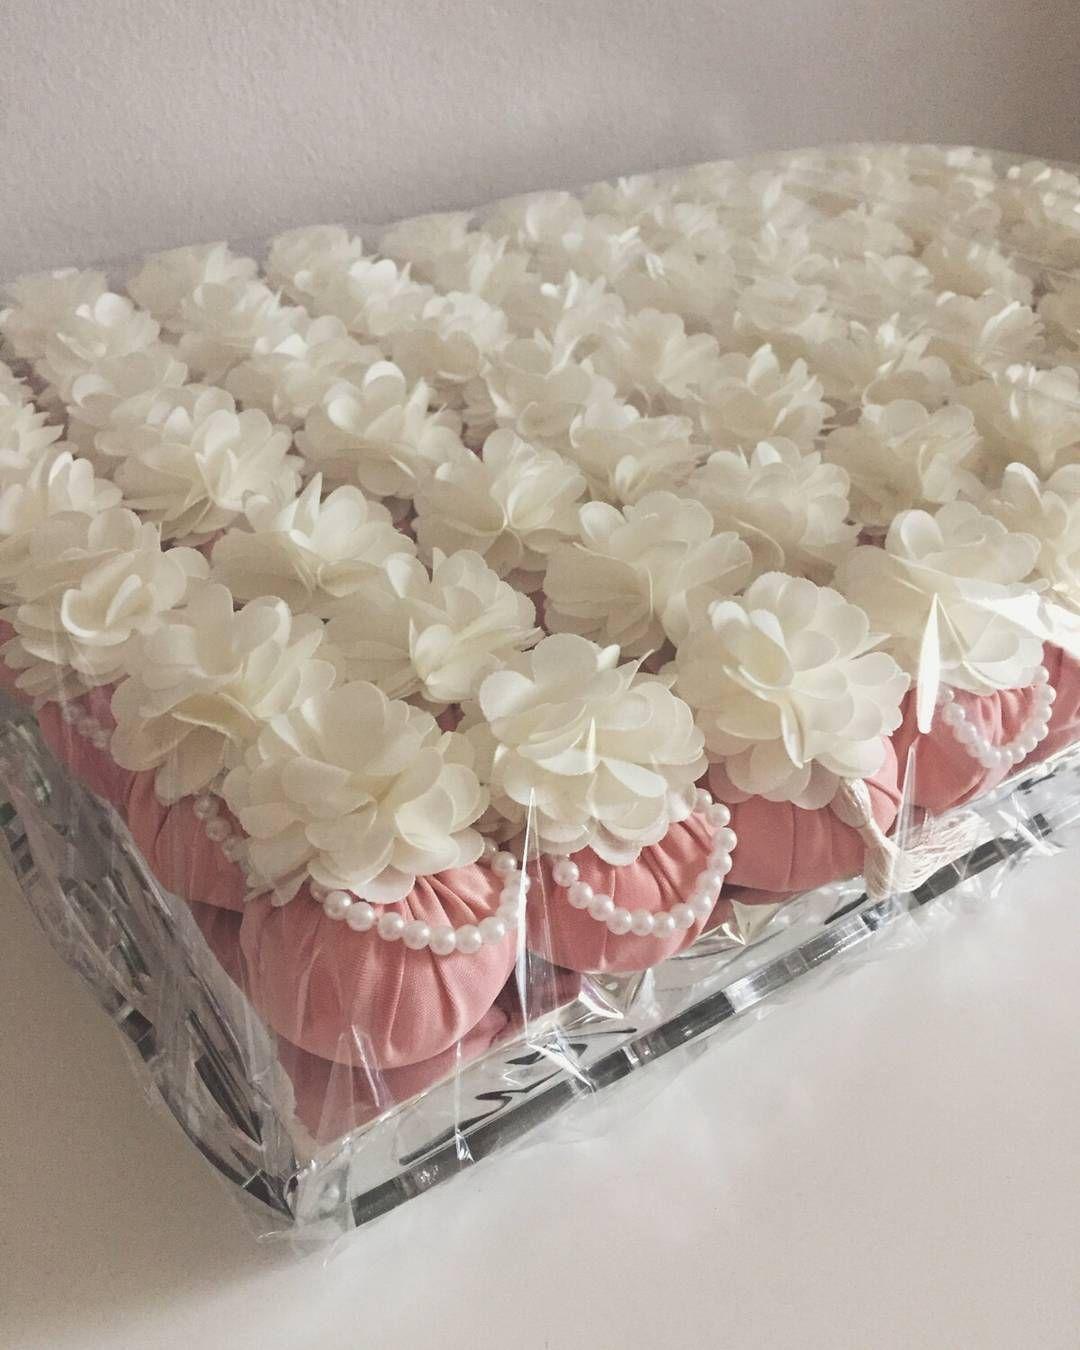 متجر لافنتـــــا On Instagram توزيعات المسك استقبال حفلات مناسبات مواليد تخرج مدارس السعودية الإمارات ا Wedding Gift Baskets Wedding Gift Boxes Candy Gifts